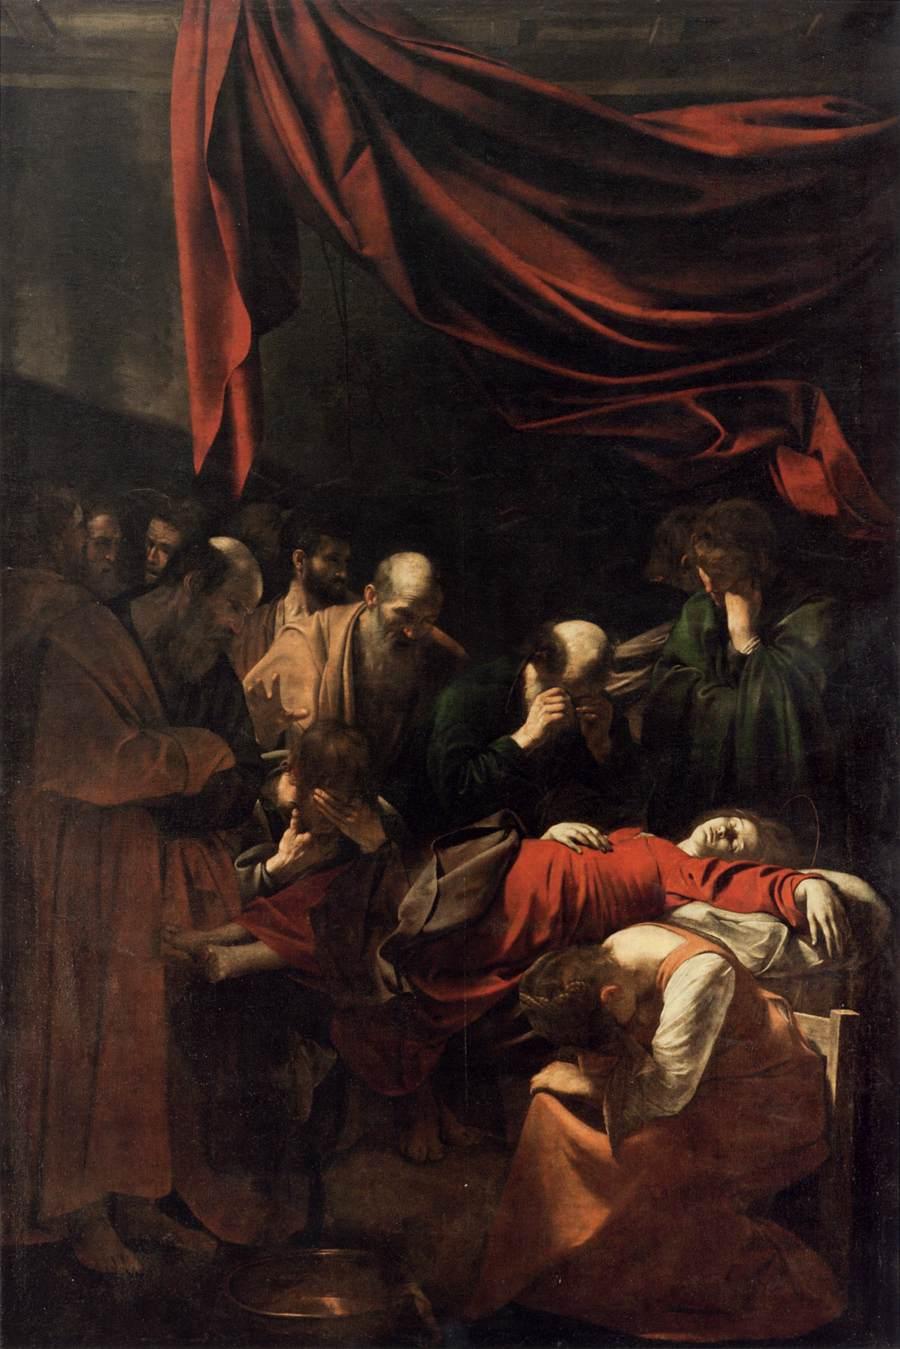 Caravaggiodeath